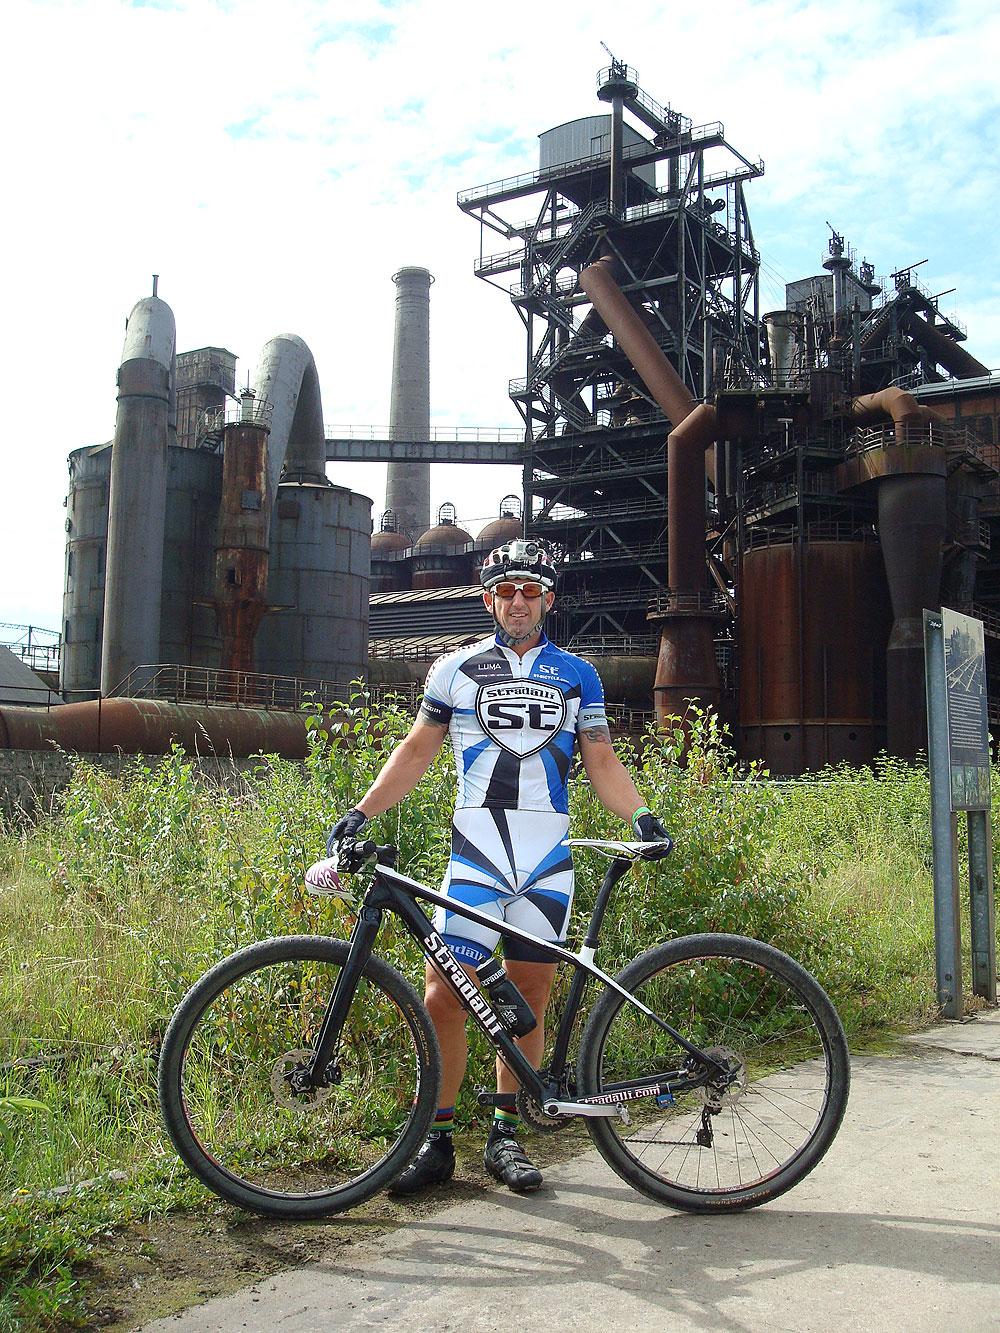 stradalli_team_mtb_race_germany_3.jpg